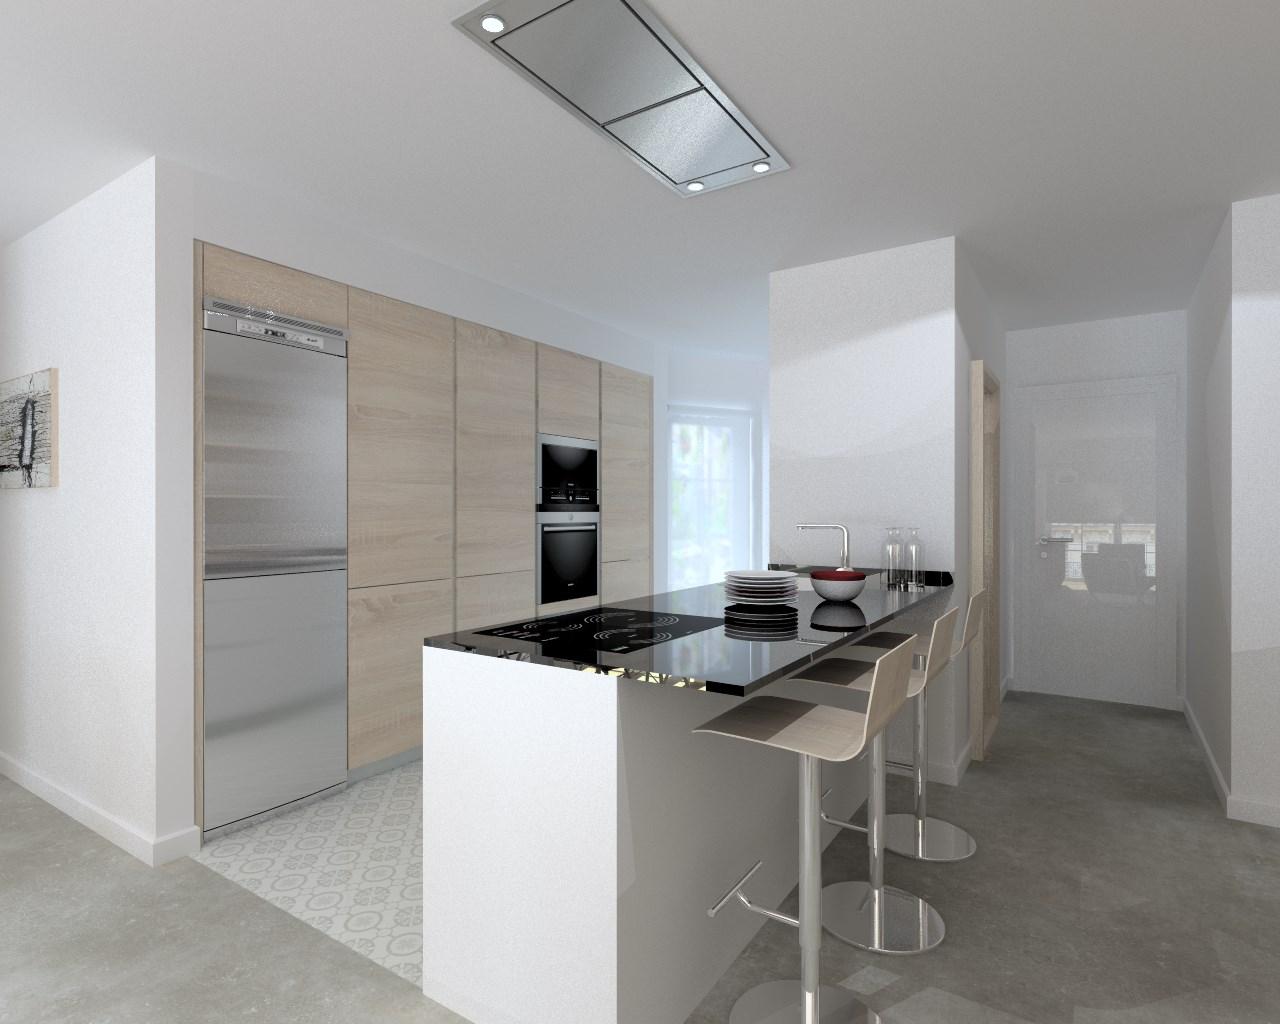 Cocina santos modelo line e blanco encimera granito negro for Encimera cocina granito